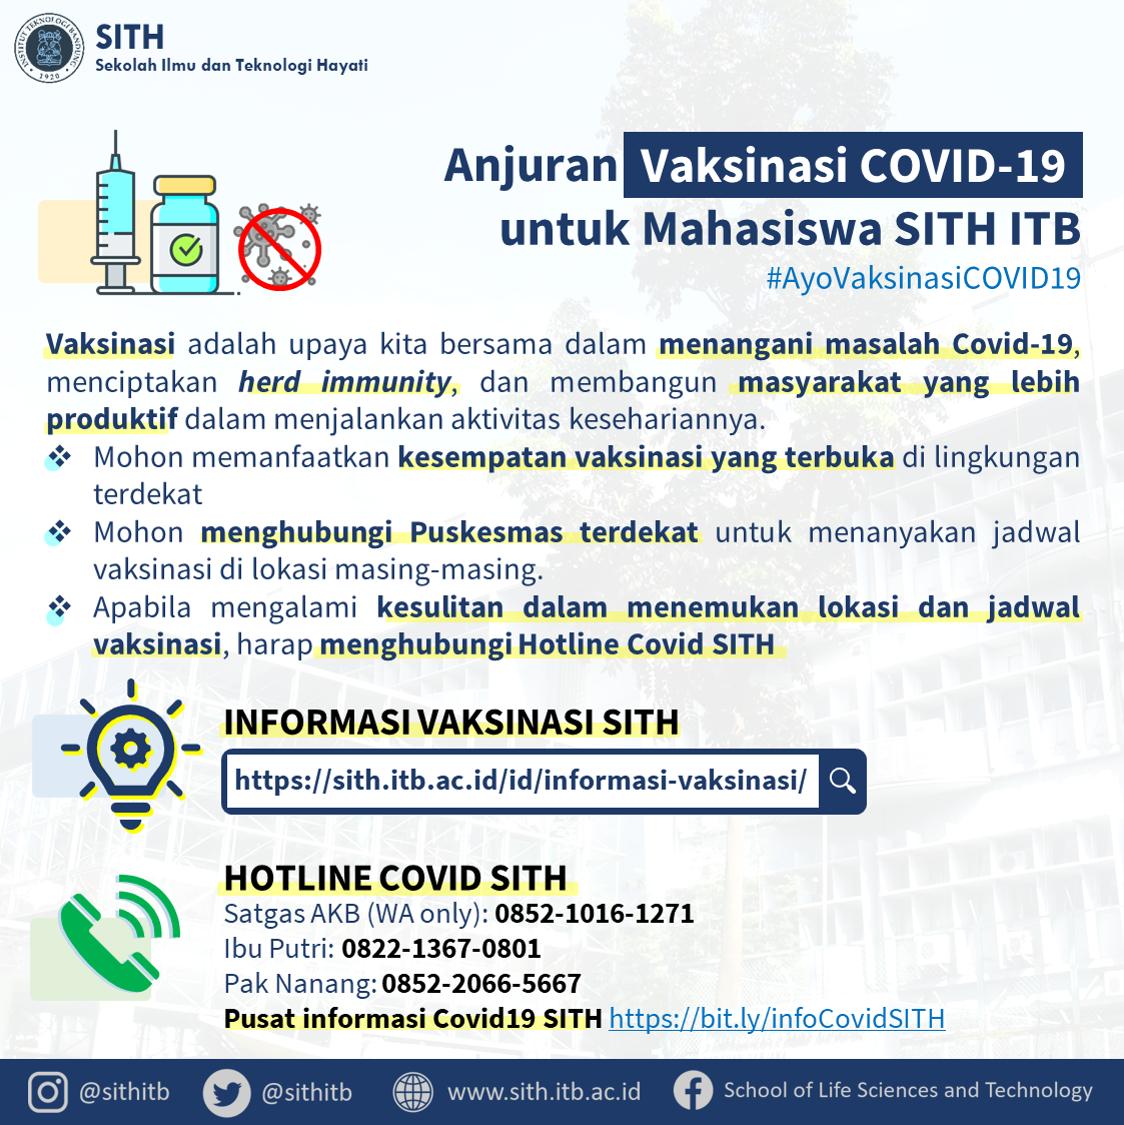 Anjuran Vaksinasi COVID-19 untuk Mahasiswa SITH ITB